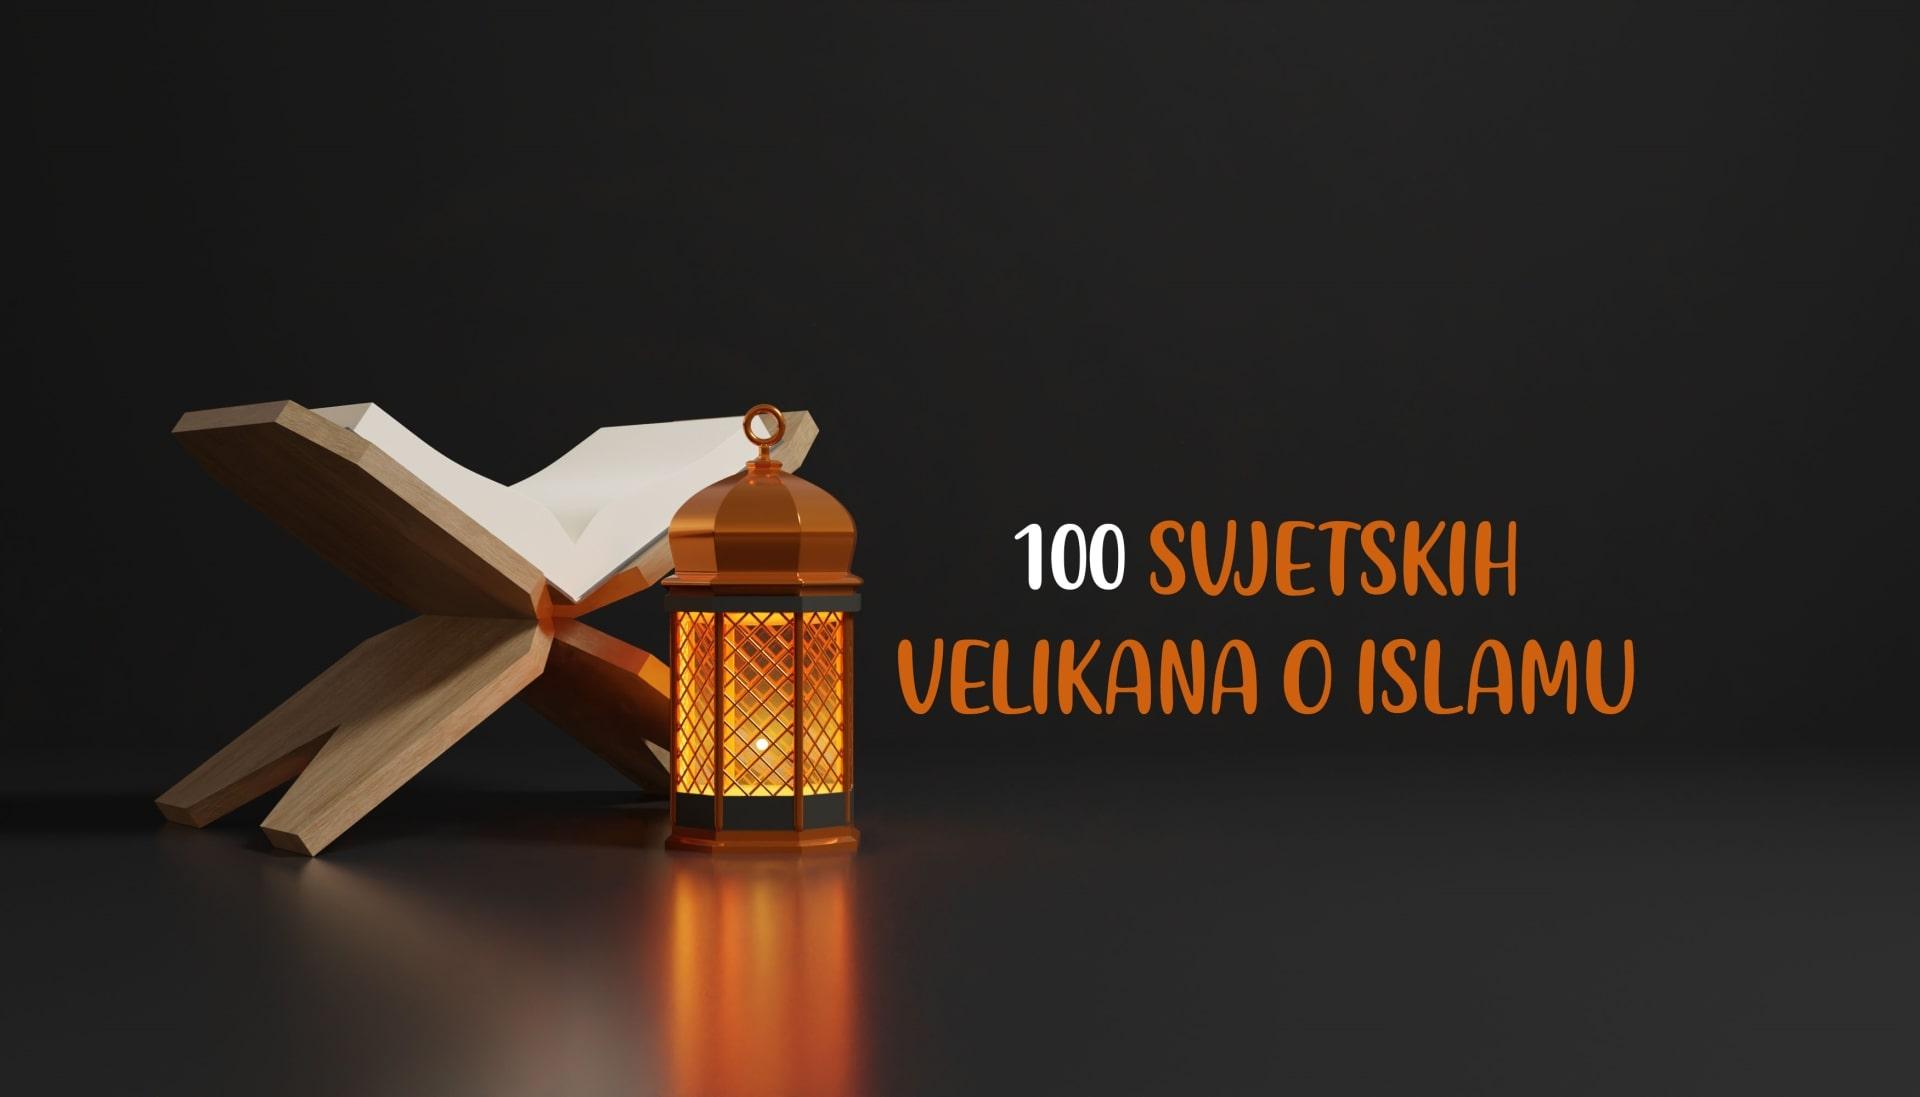 100 svjetskih velikana o islamu – Džon Medovs Rodvel